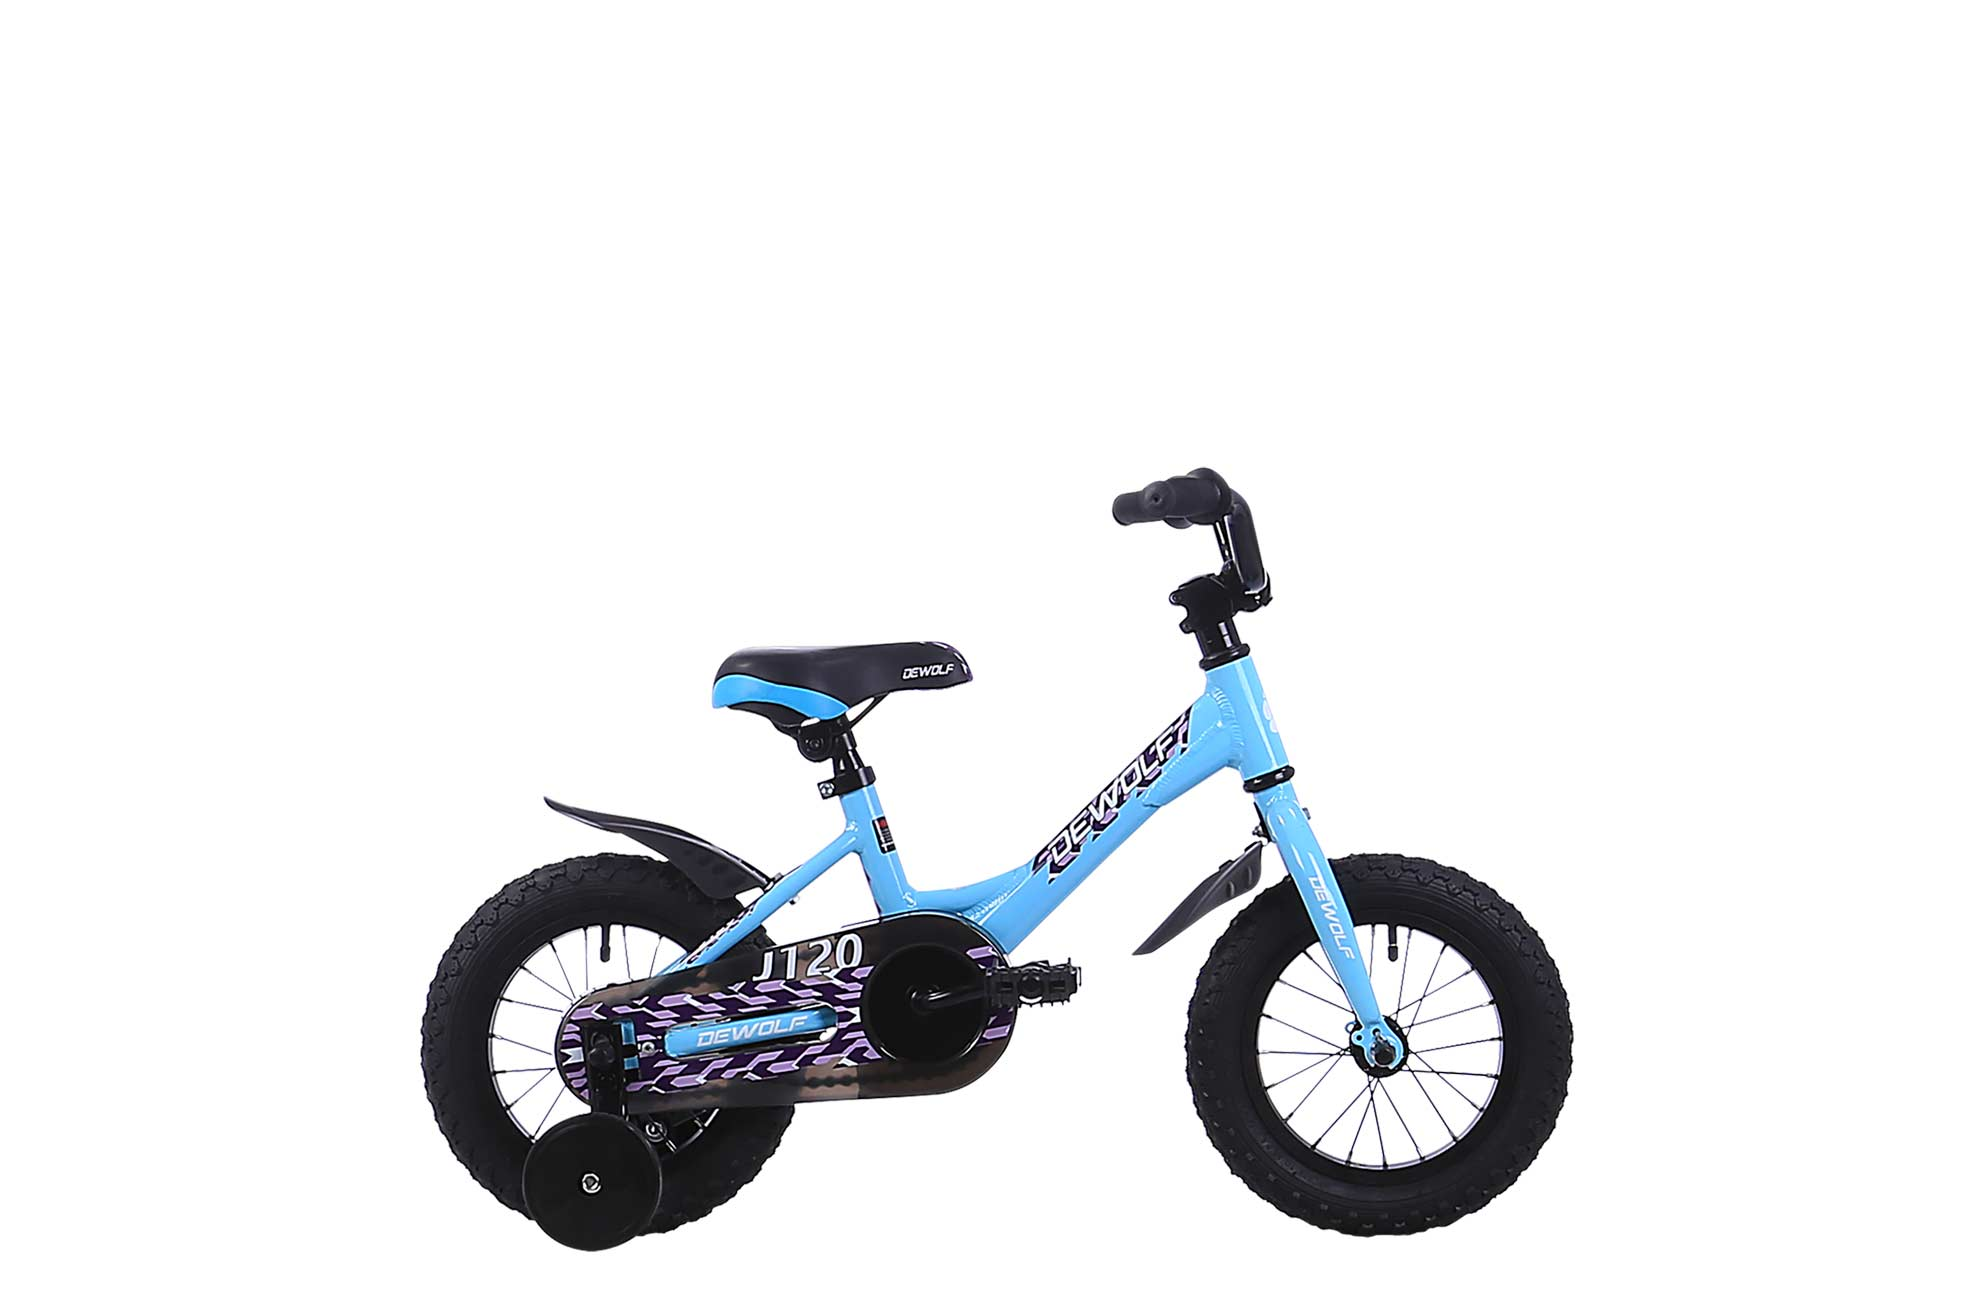 Детский велосипед DEWOLF J120 GIRL (2016), Цвет Голубой